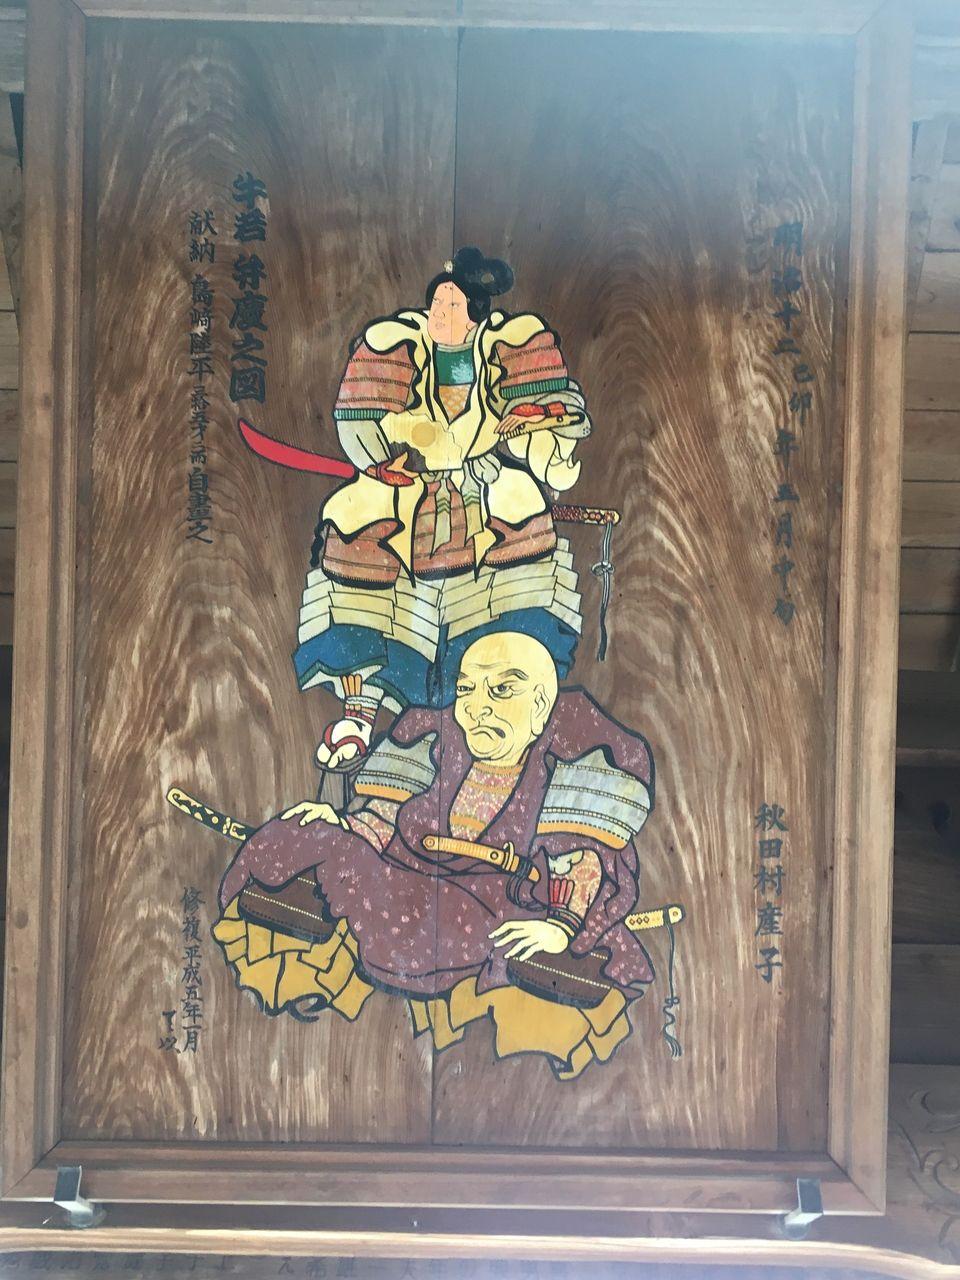 本殿内に飾られている明治時代の氏子の手になる絵